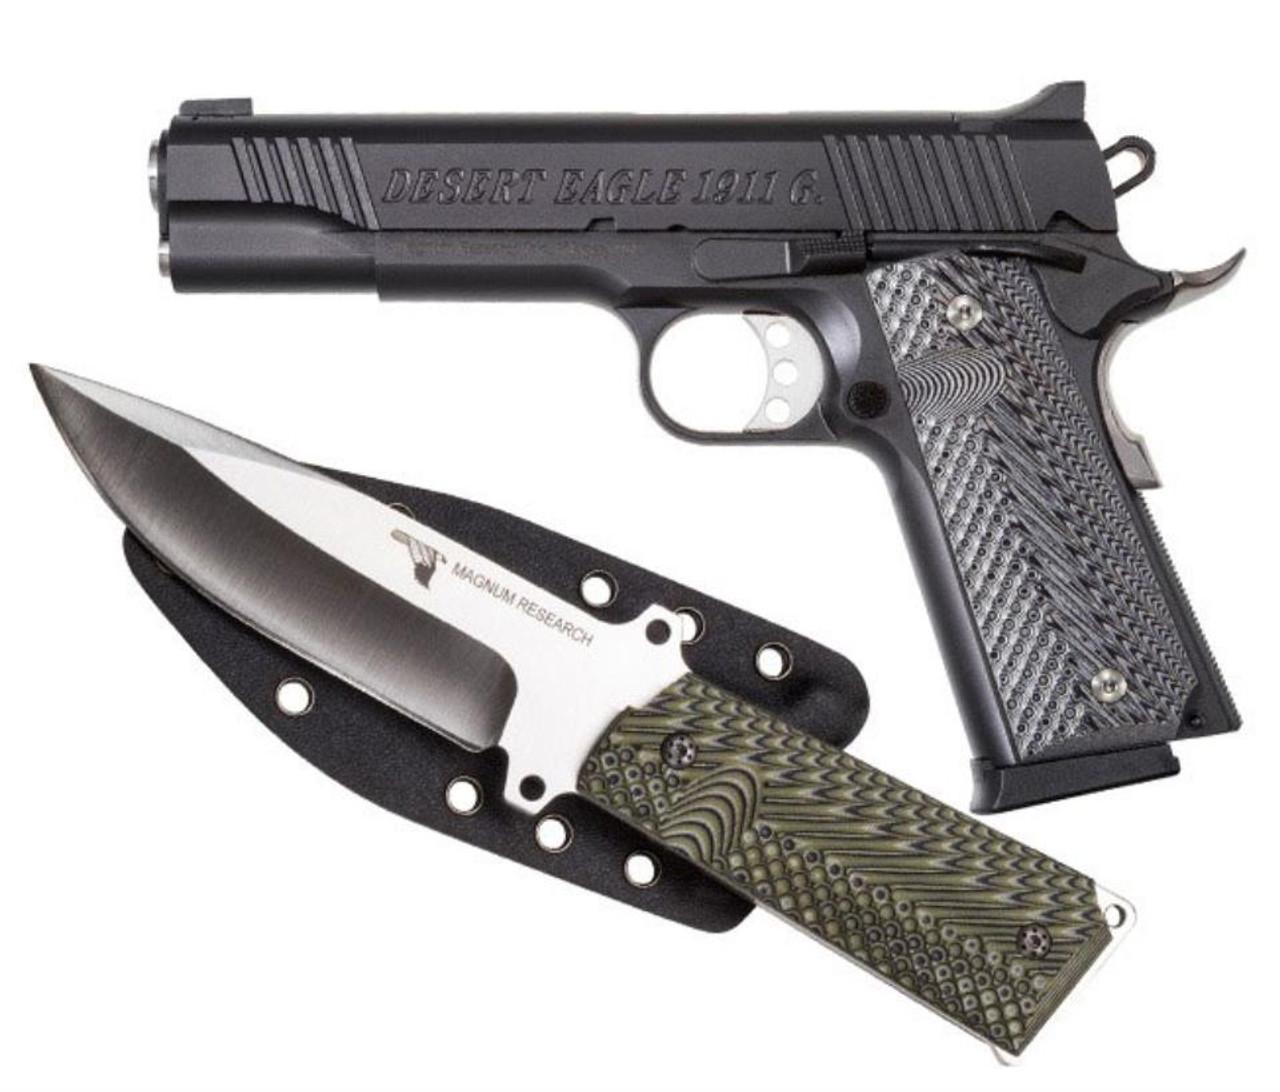 Desert Eagle 1911 Pistol/Knife Combo 45 ACP 5